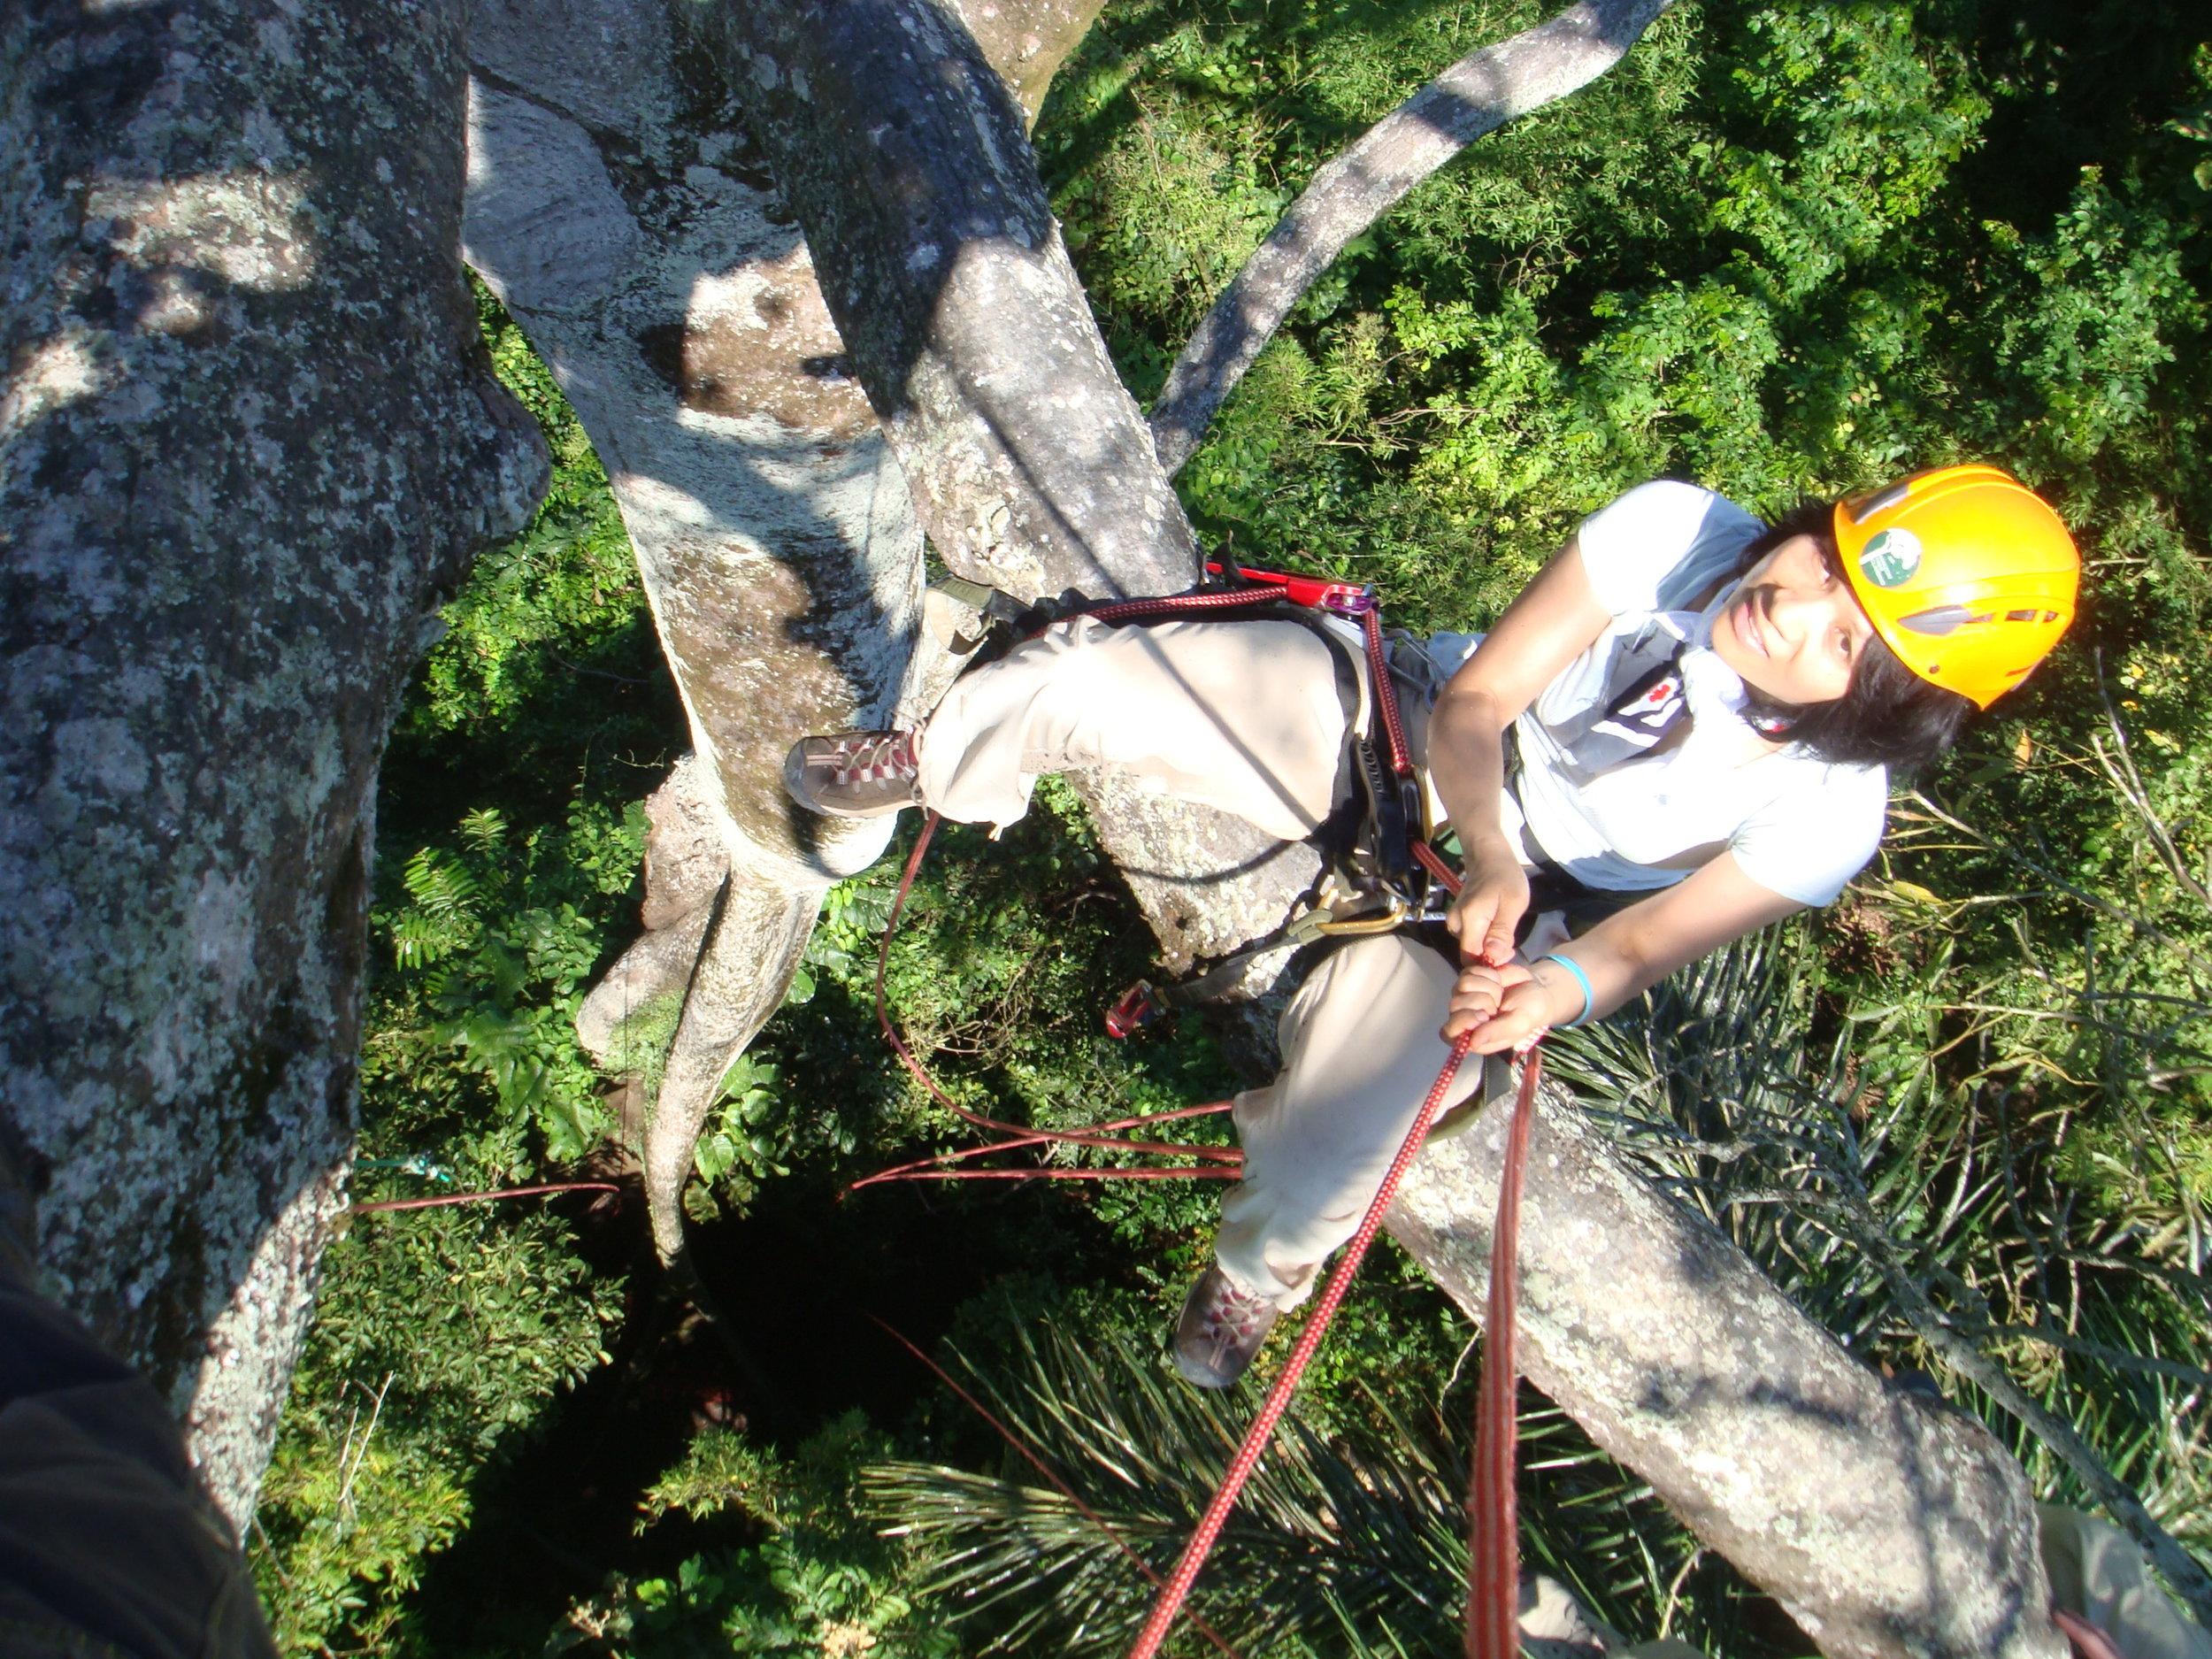 manaus_tree_climbing.JPG